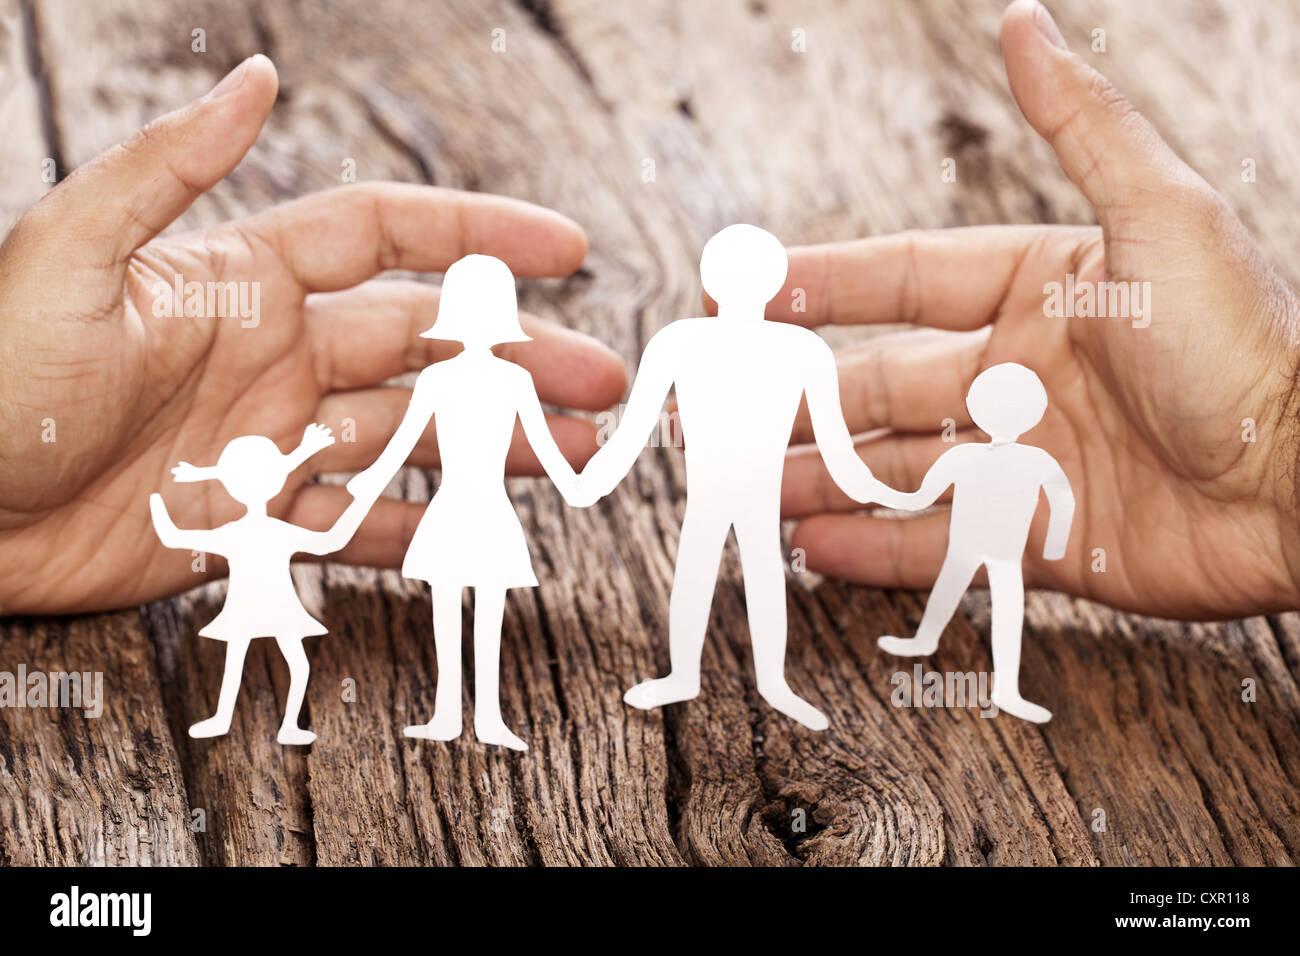 Les chiffres en carton de la famille sur une table en bois. Le symbole de l'unité et de bonheur. La famille Photo Stock